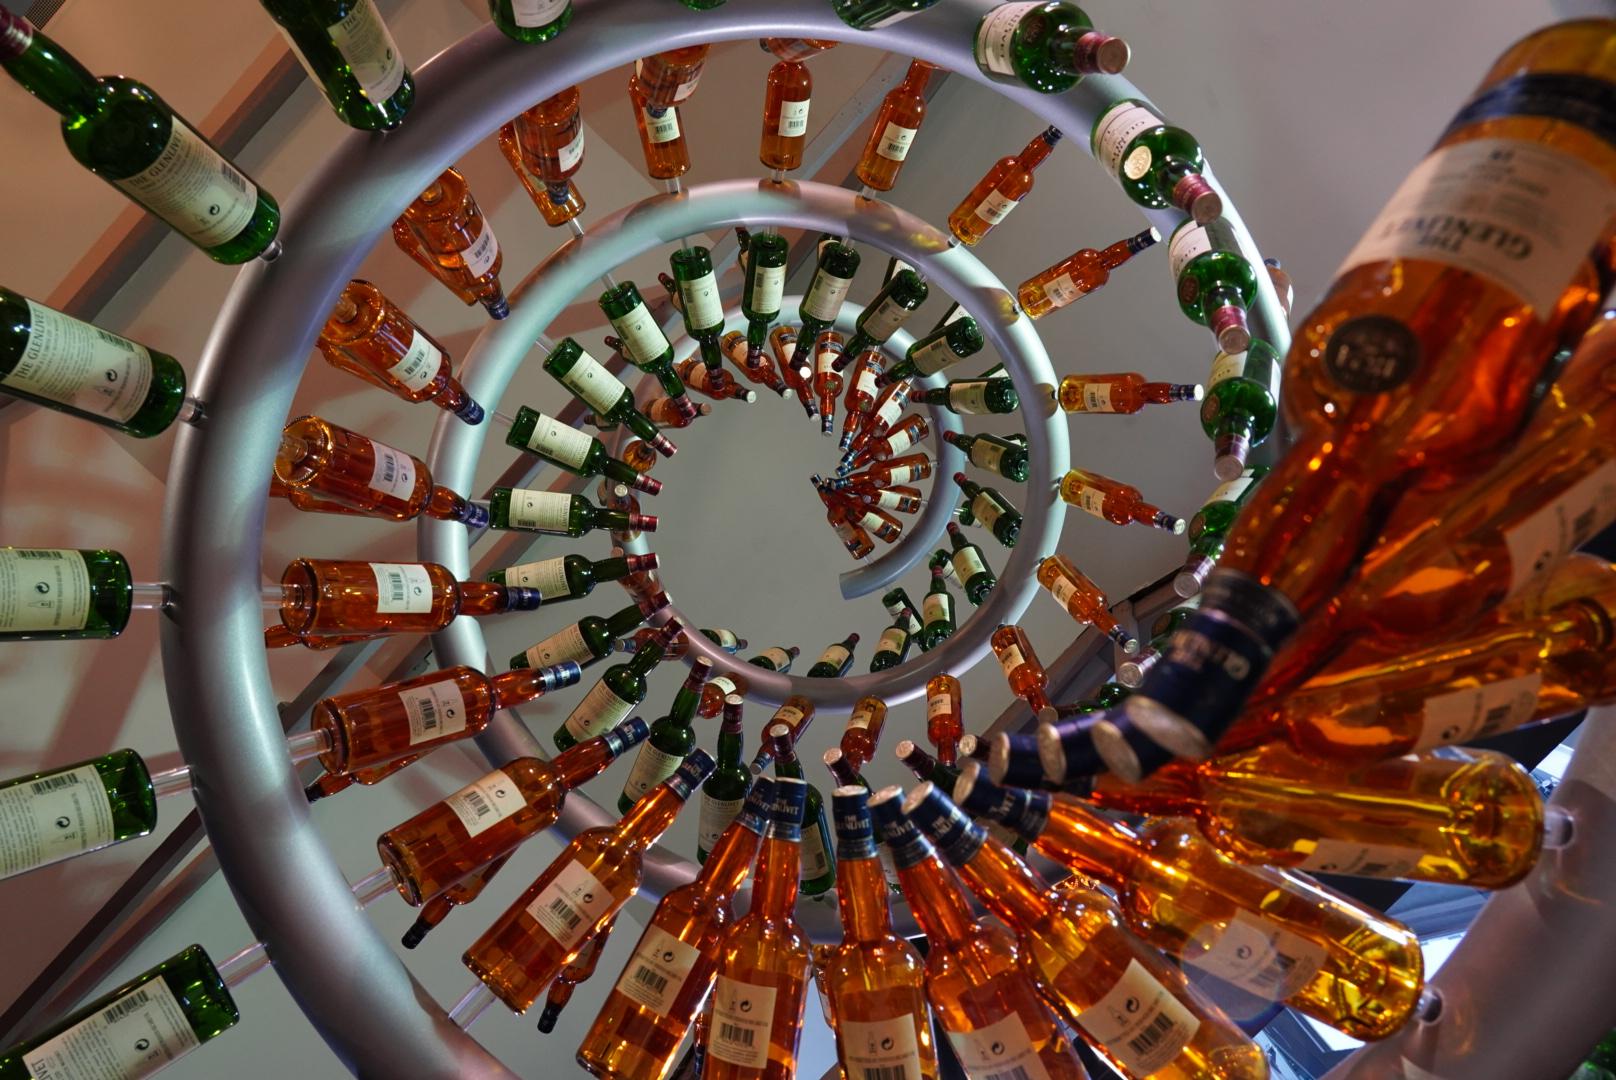 Glenlivet bottle spiral